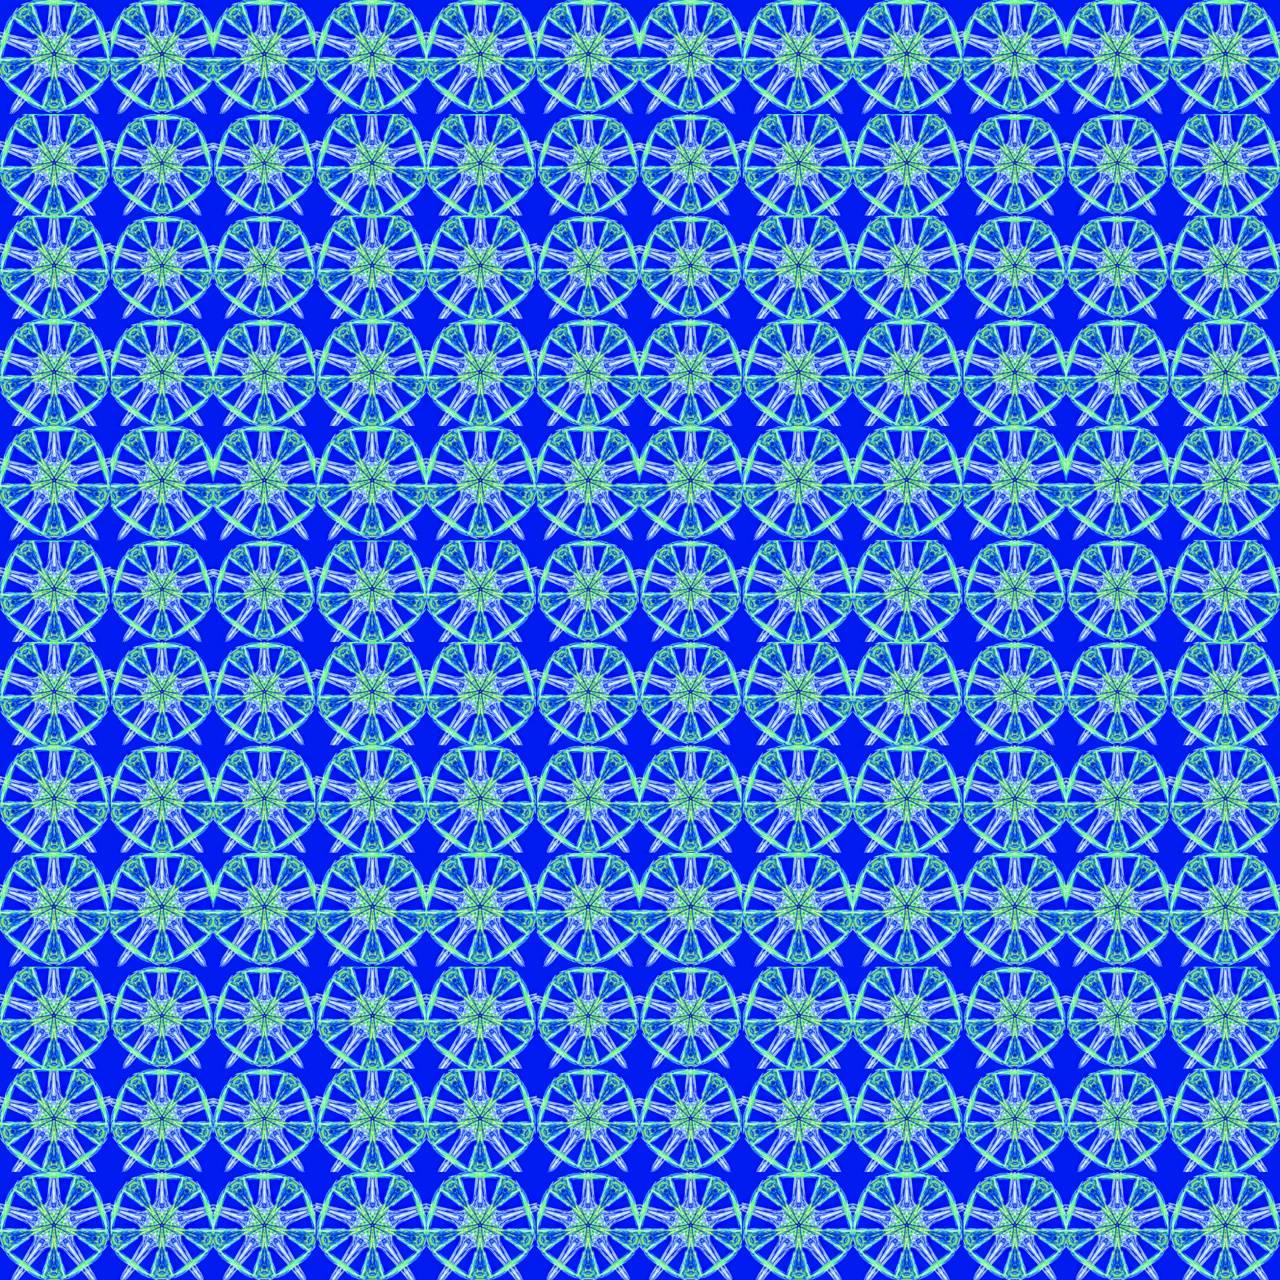 Tiled Wallpaper 52-2